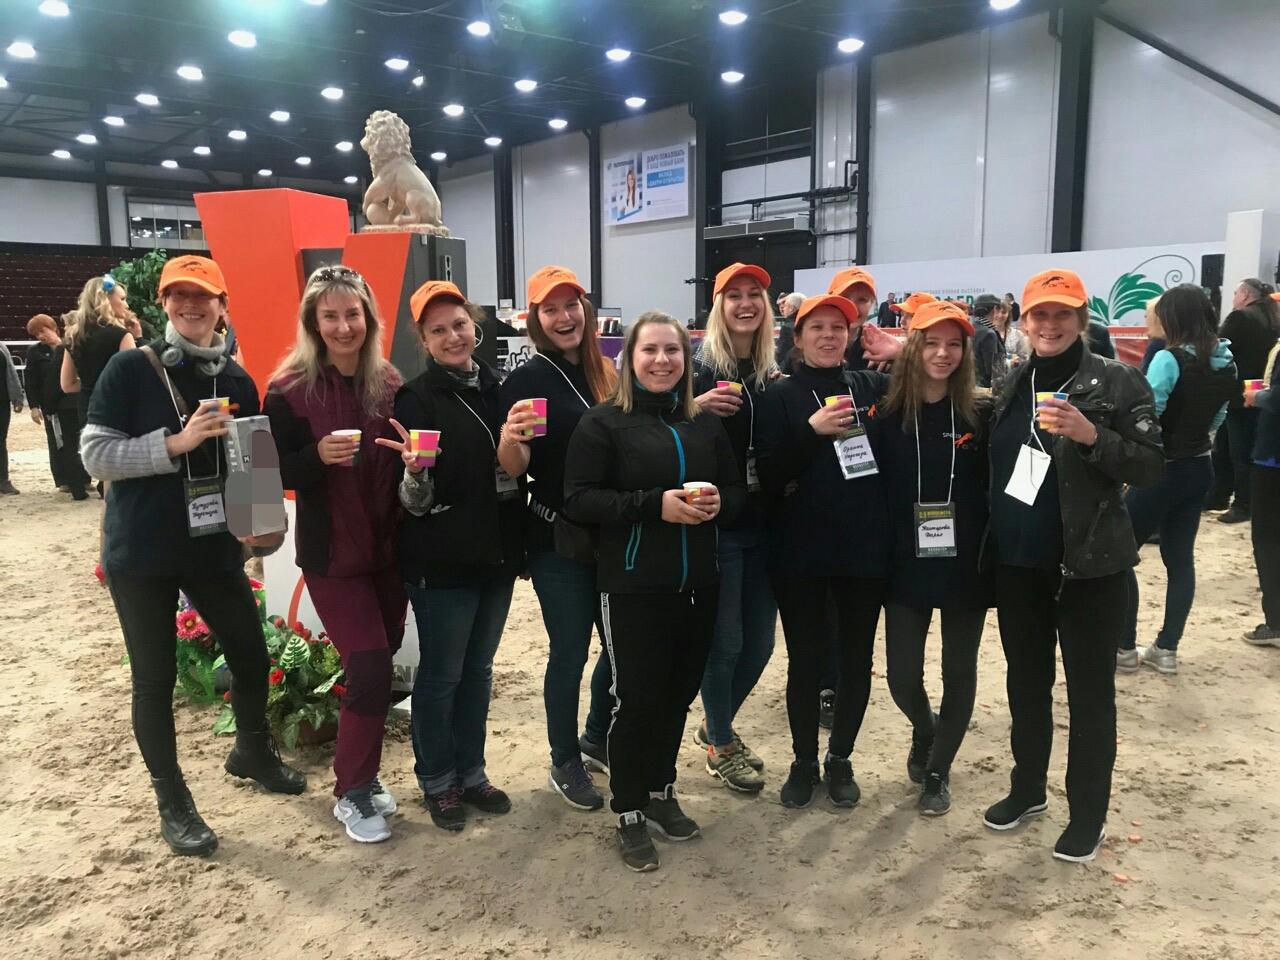 Волонтеры Высшей конной школы на выставке Иппосфера 2019